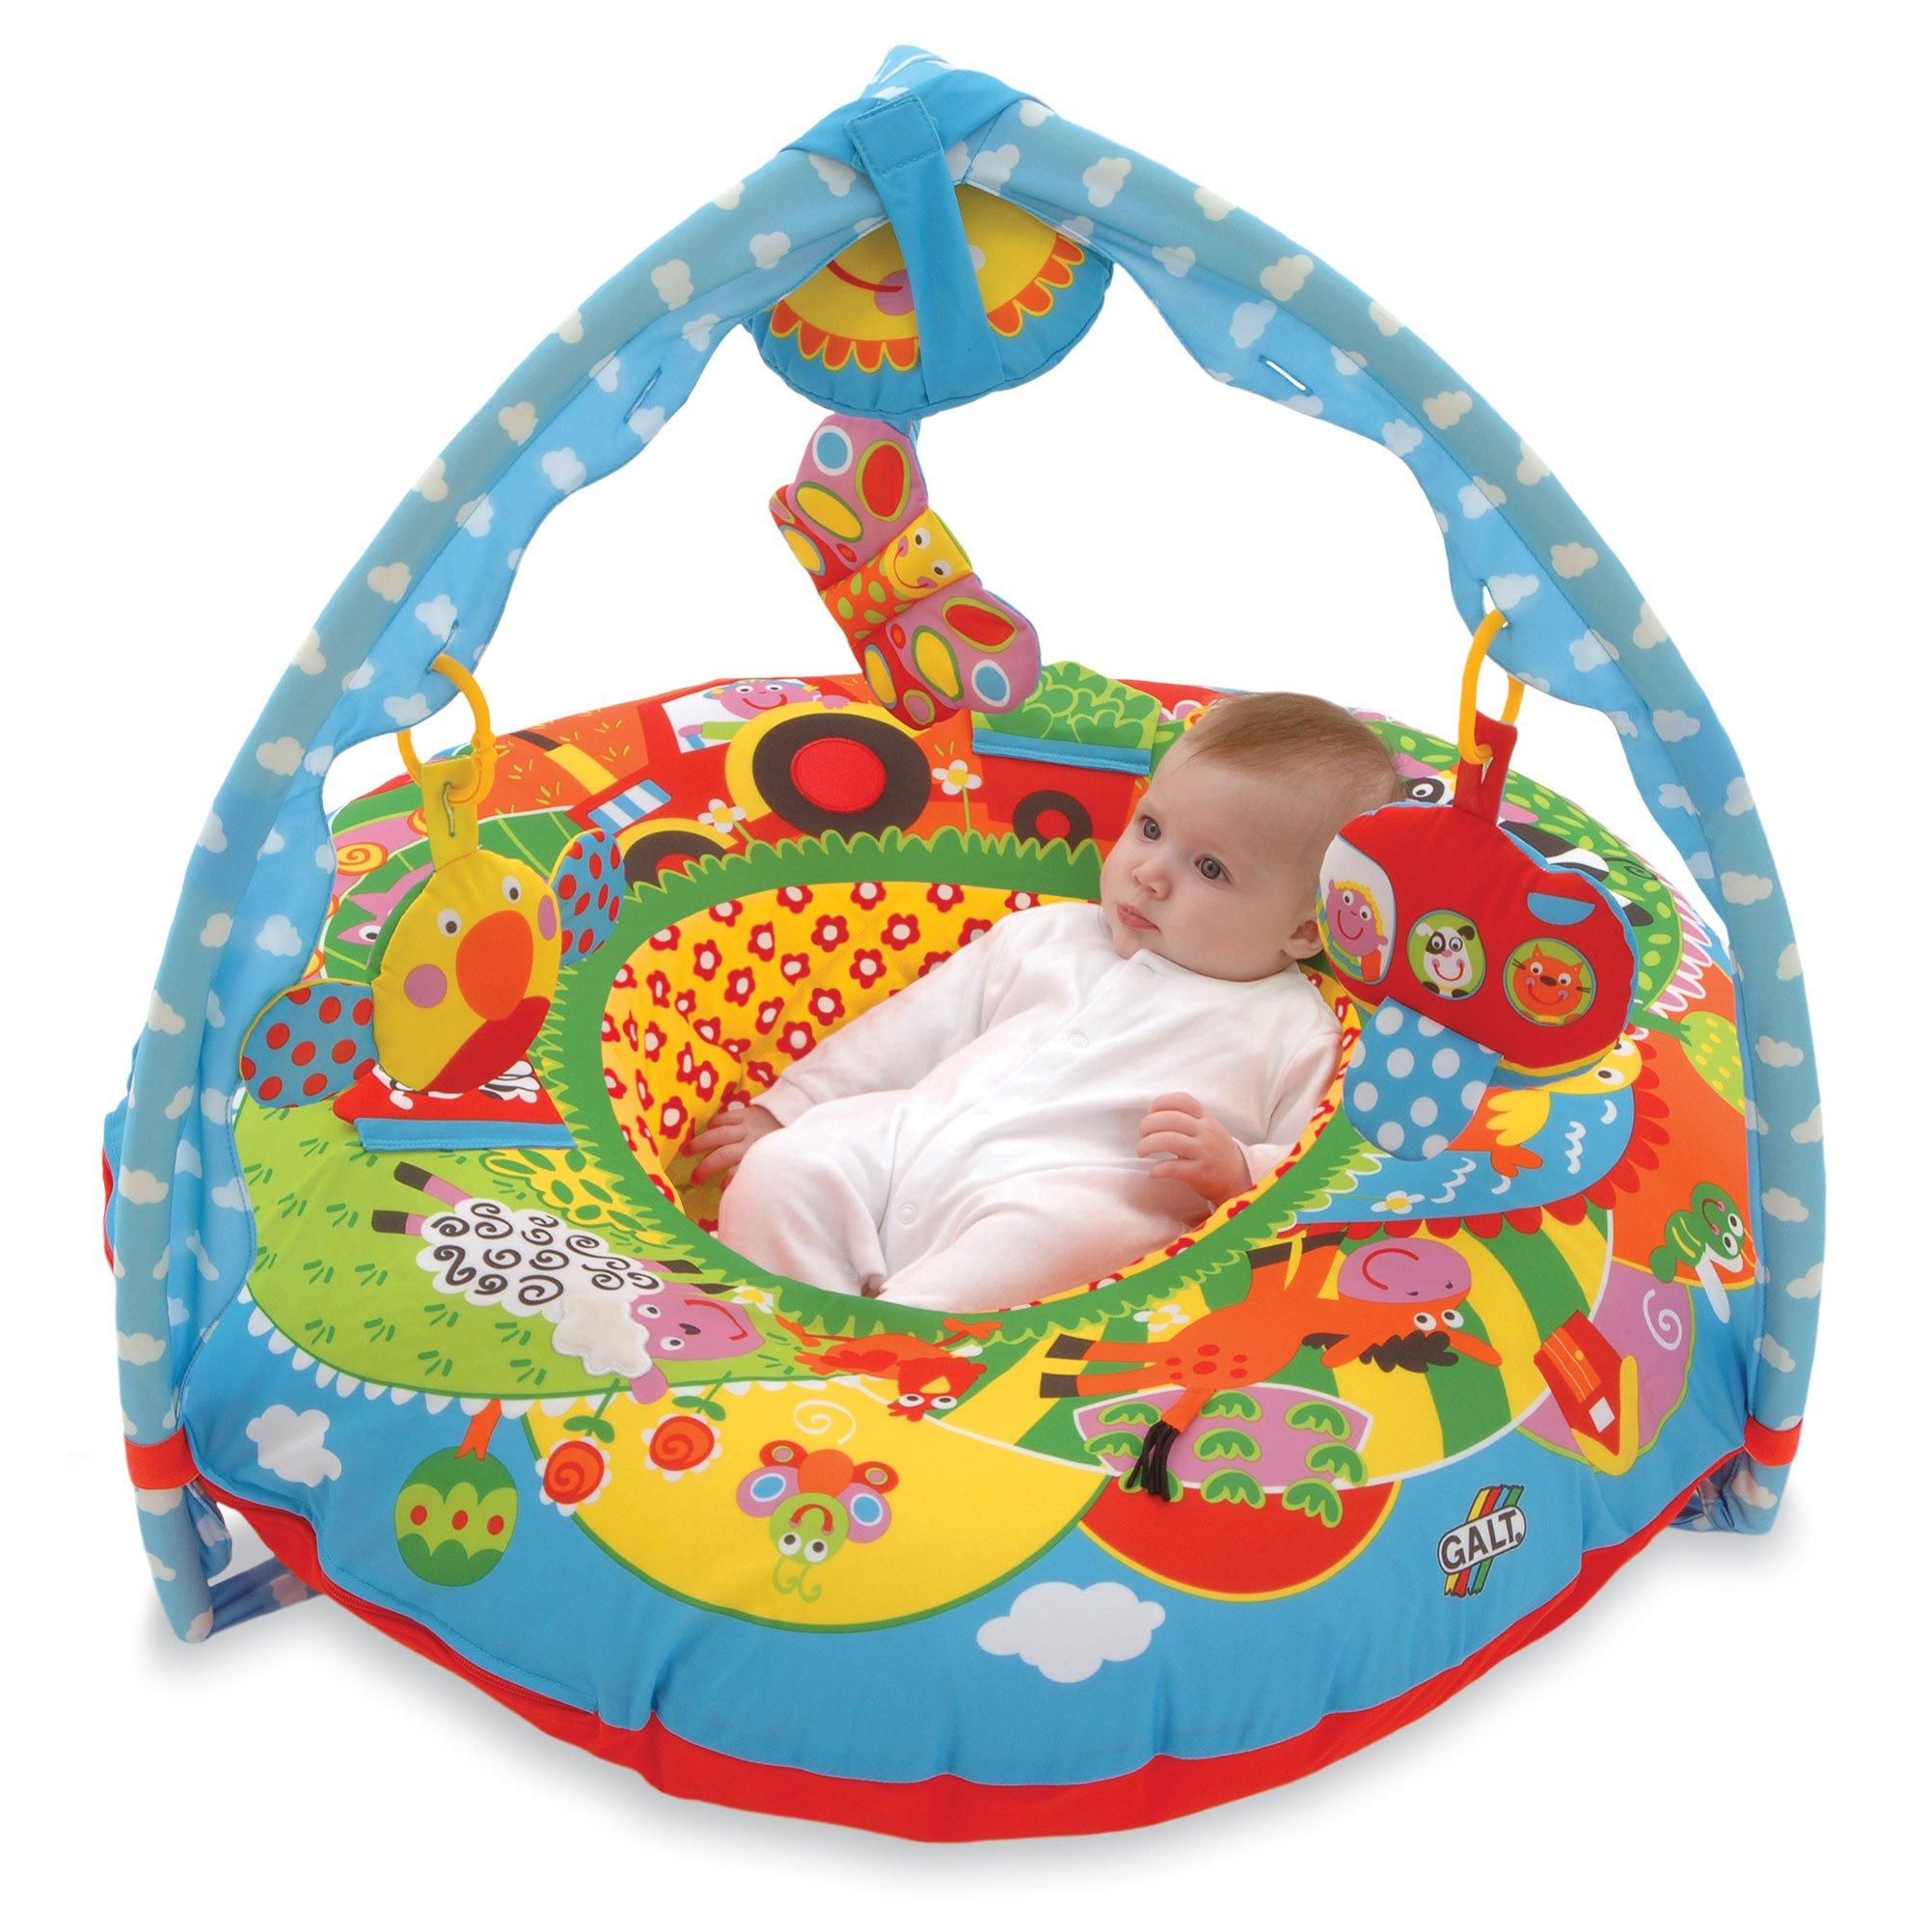 Galt Toys, Playnest & Gym - Farm (Triang) by Galt (Image #3)